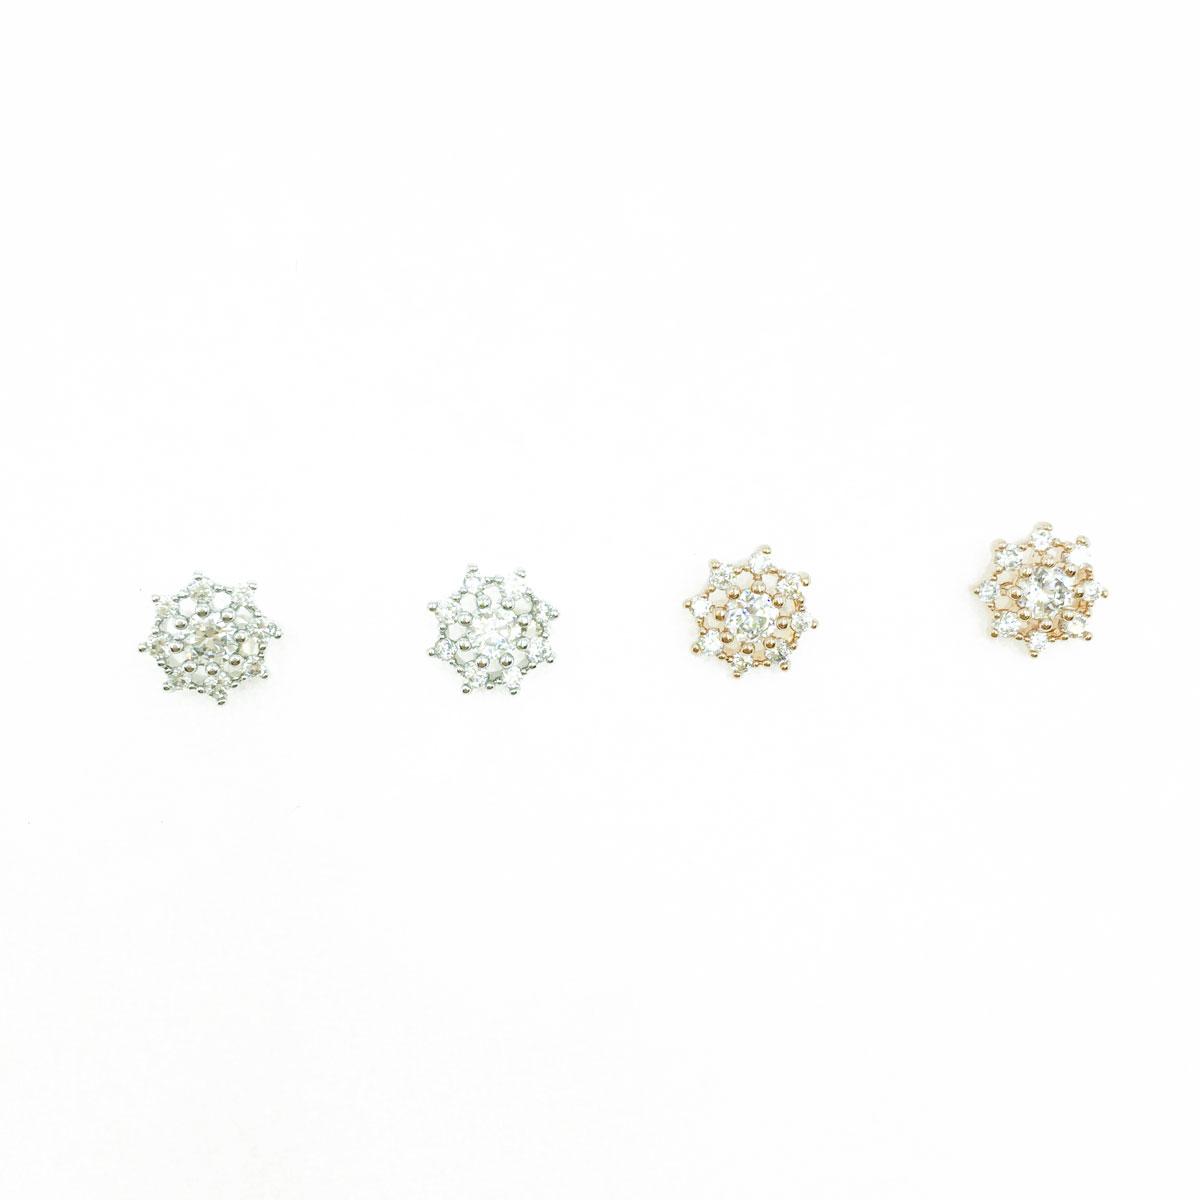 韓國 925純銀 水鑽 雪花 造型 銀 玫瑰金 耳針式耳環